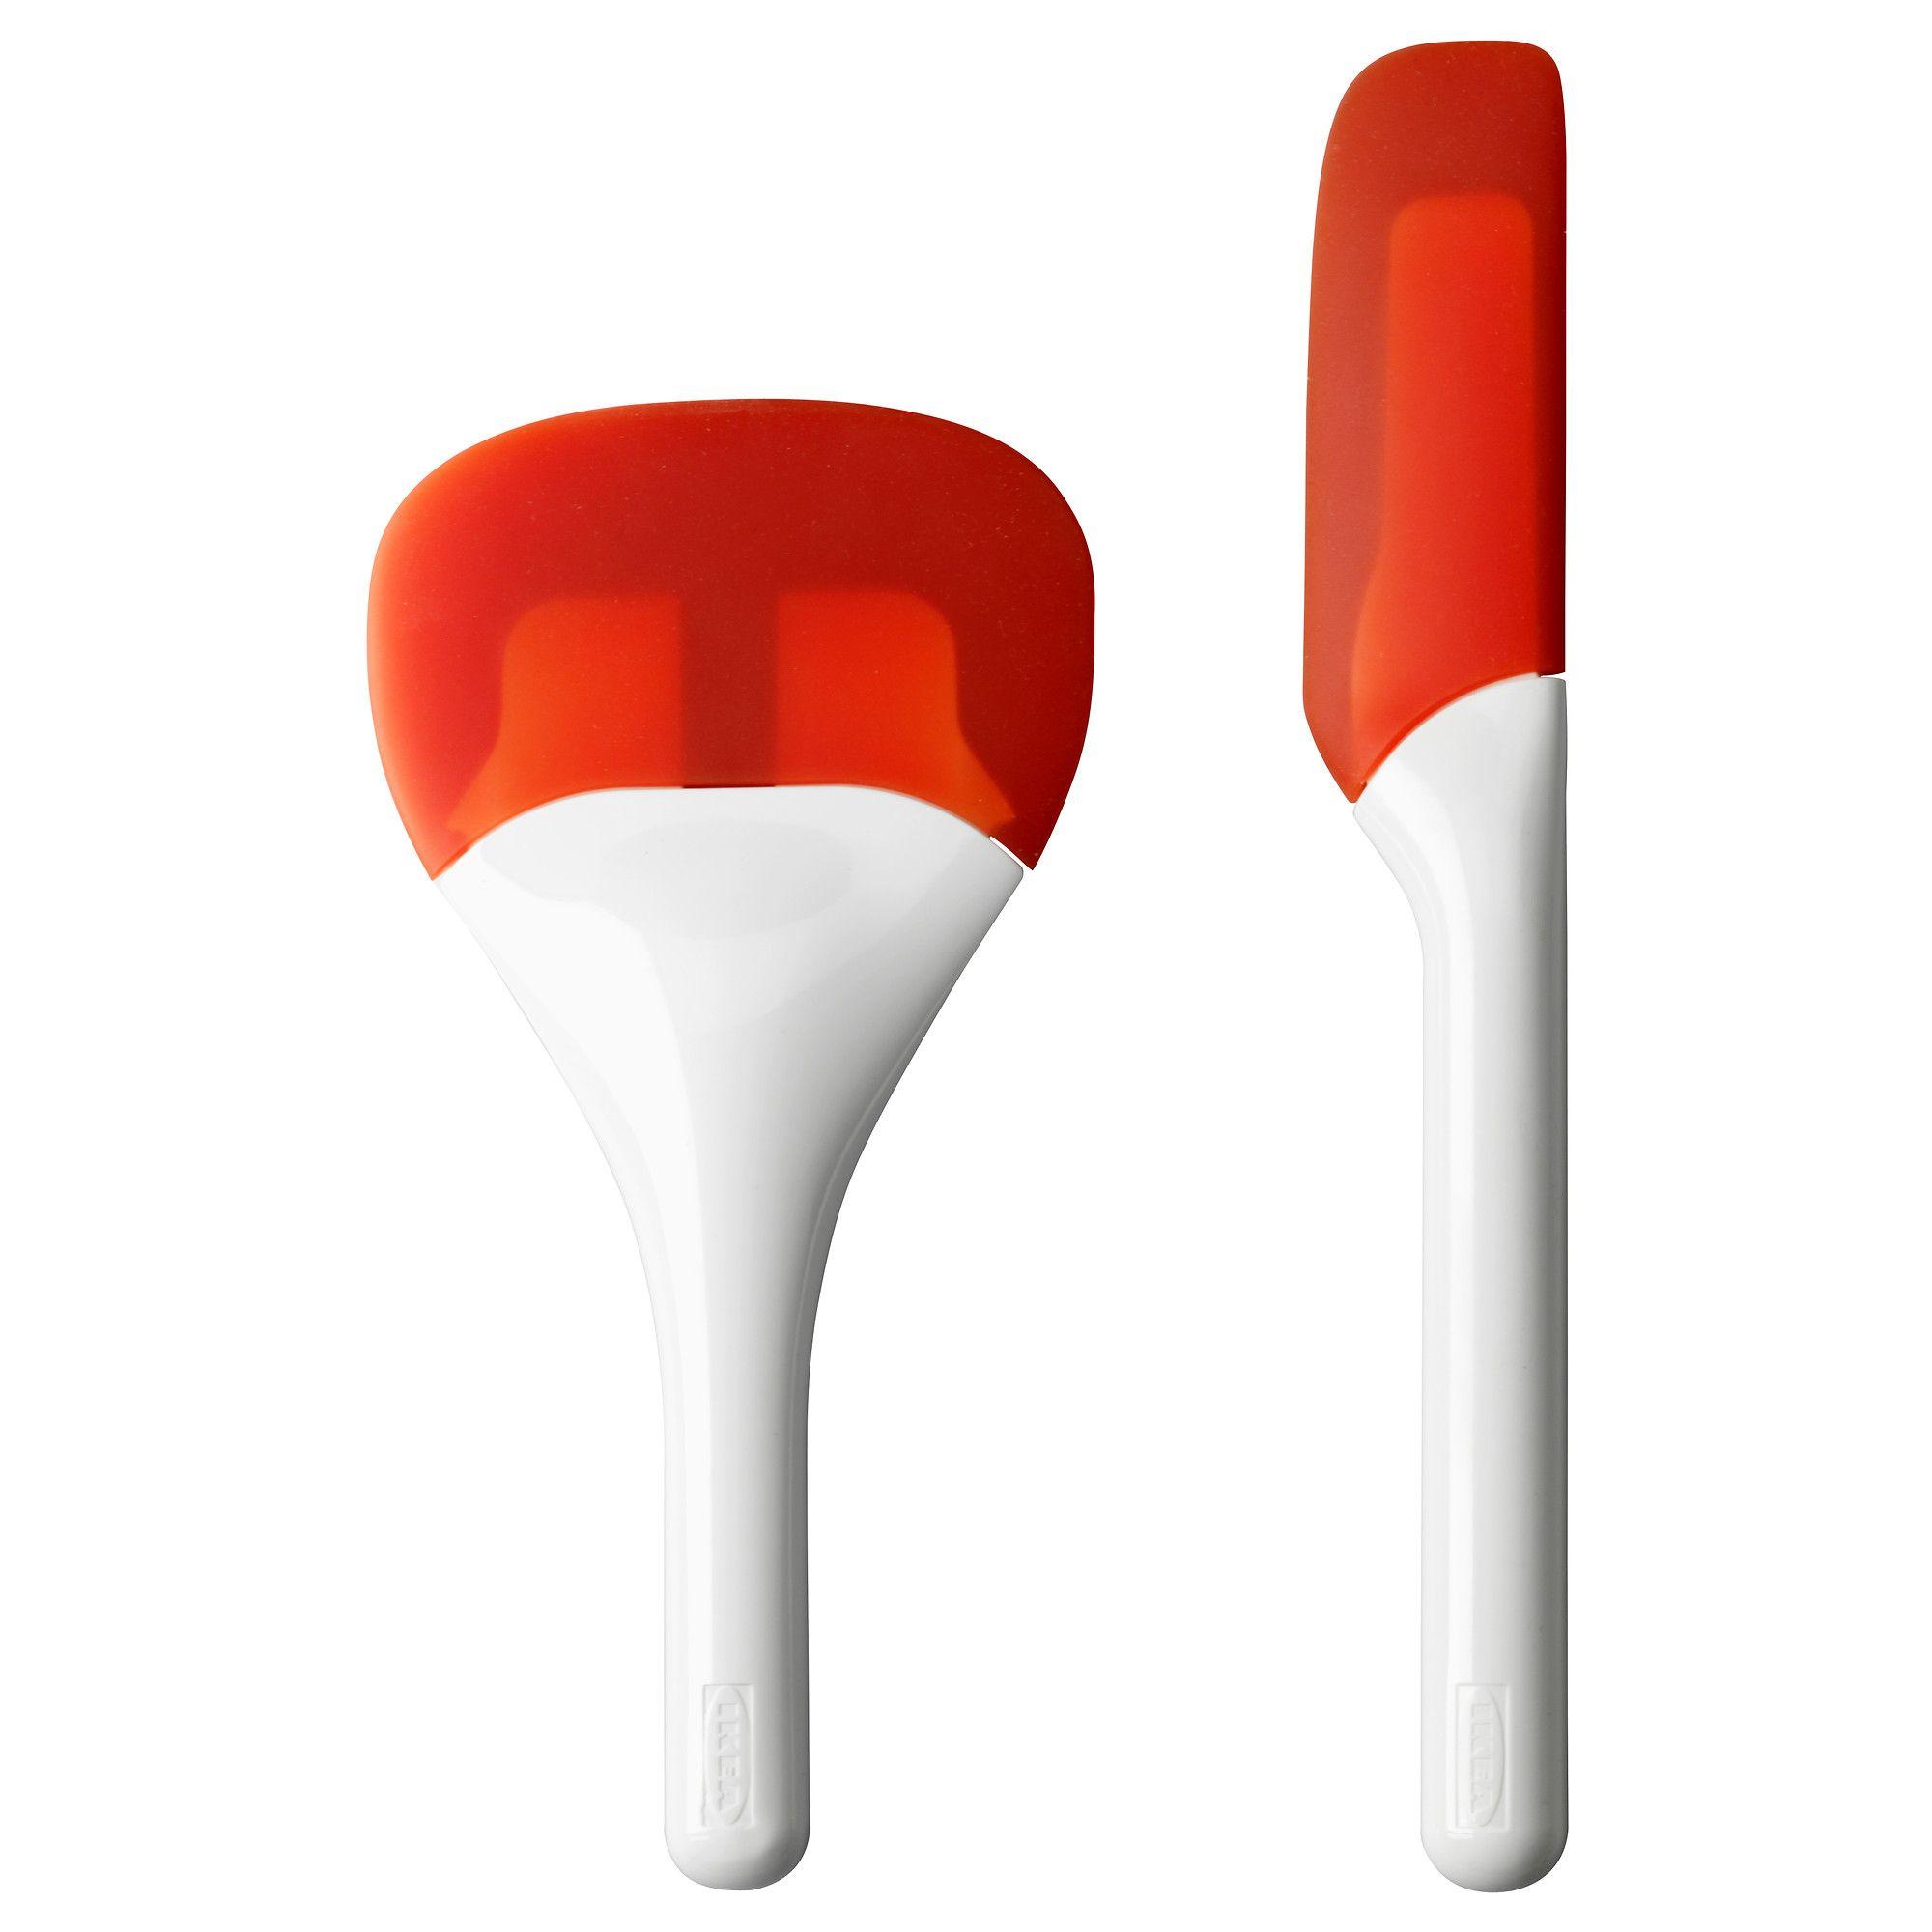 envis spatule en caoutchouc ikea home 2 0 pinterest. Black Bedroom Furniture Sets. Home Design Ideas